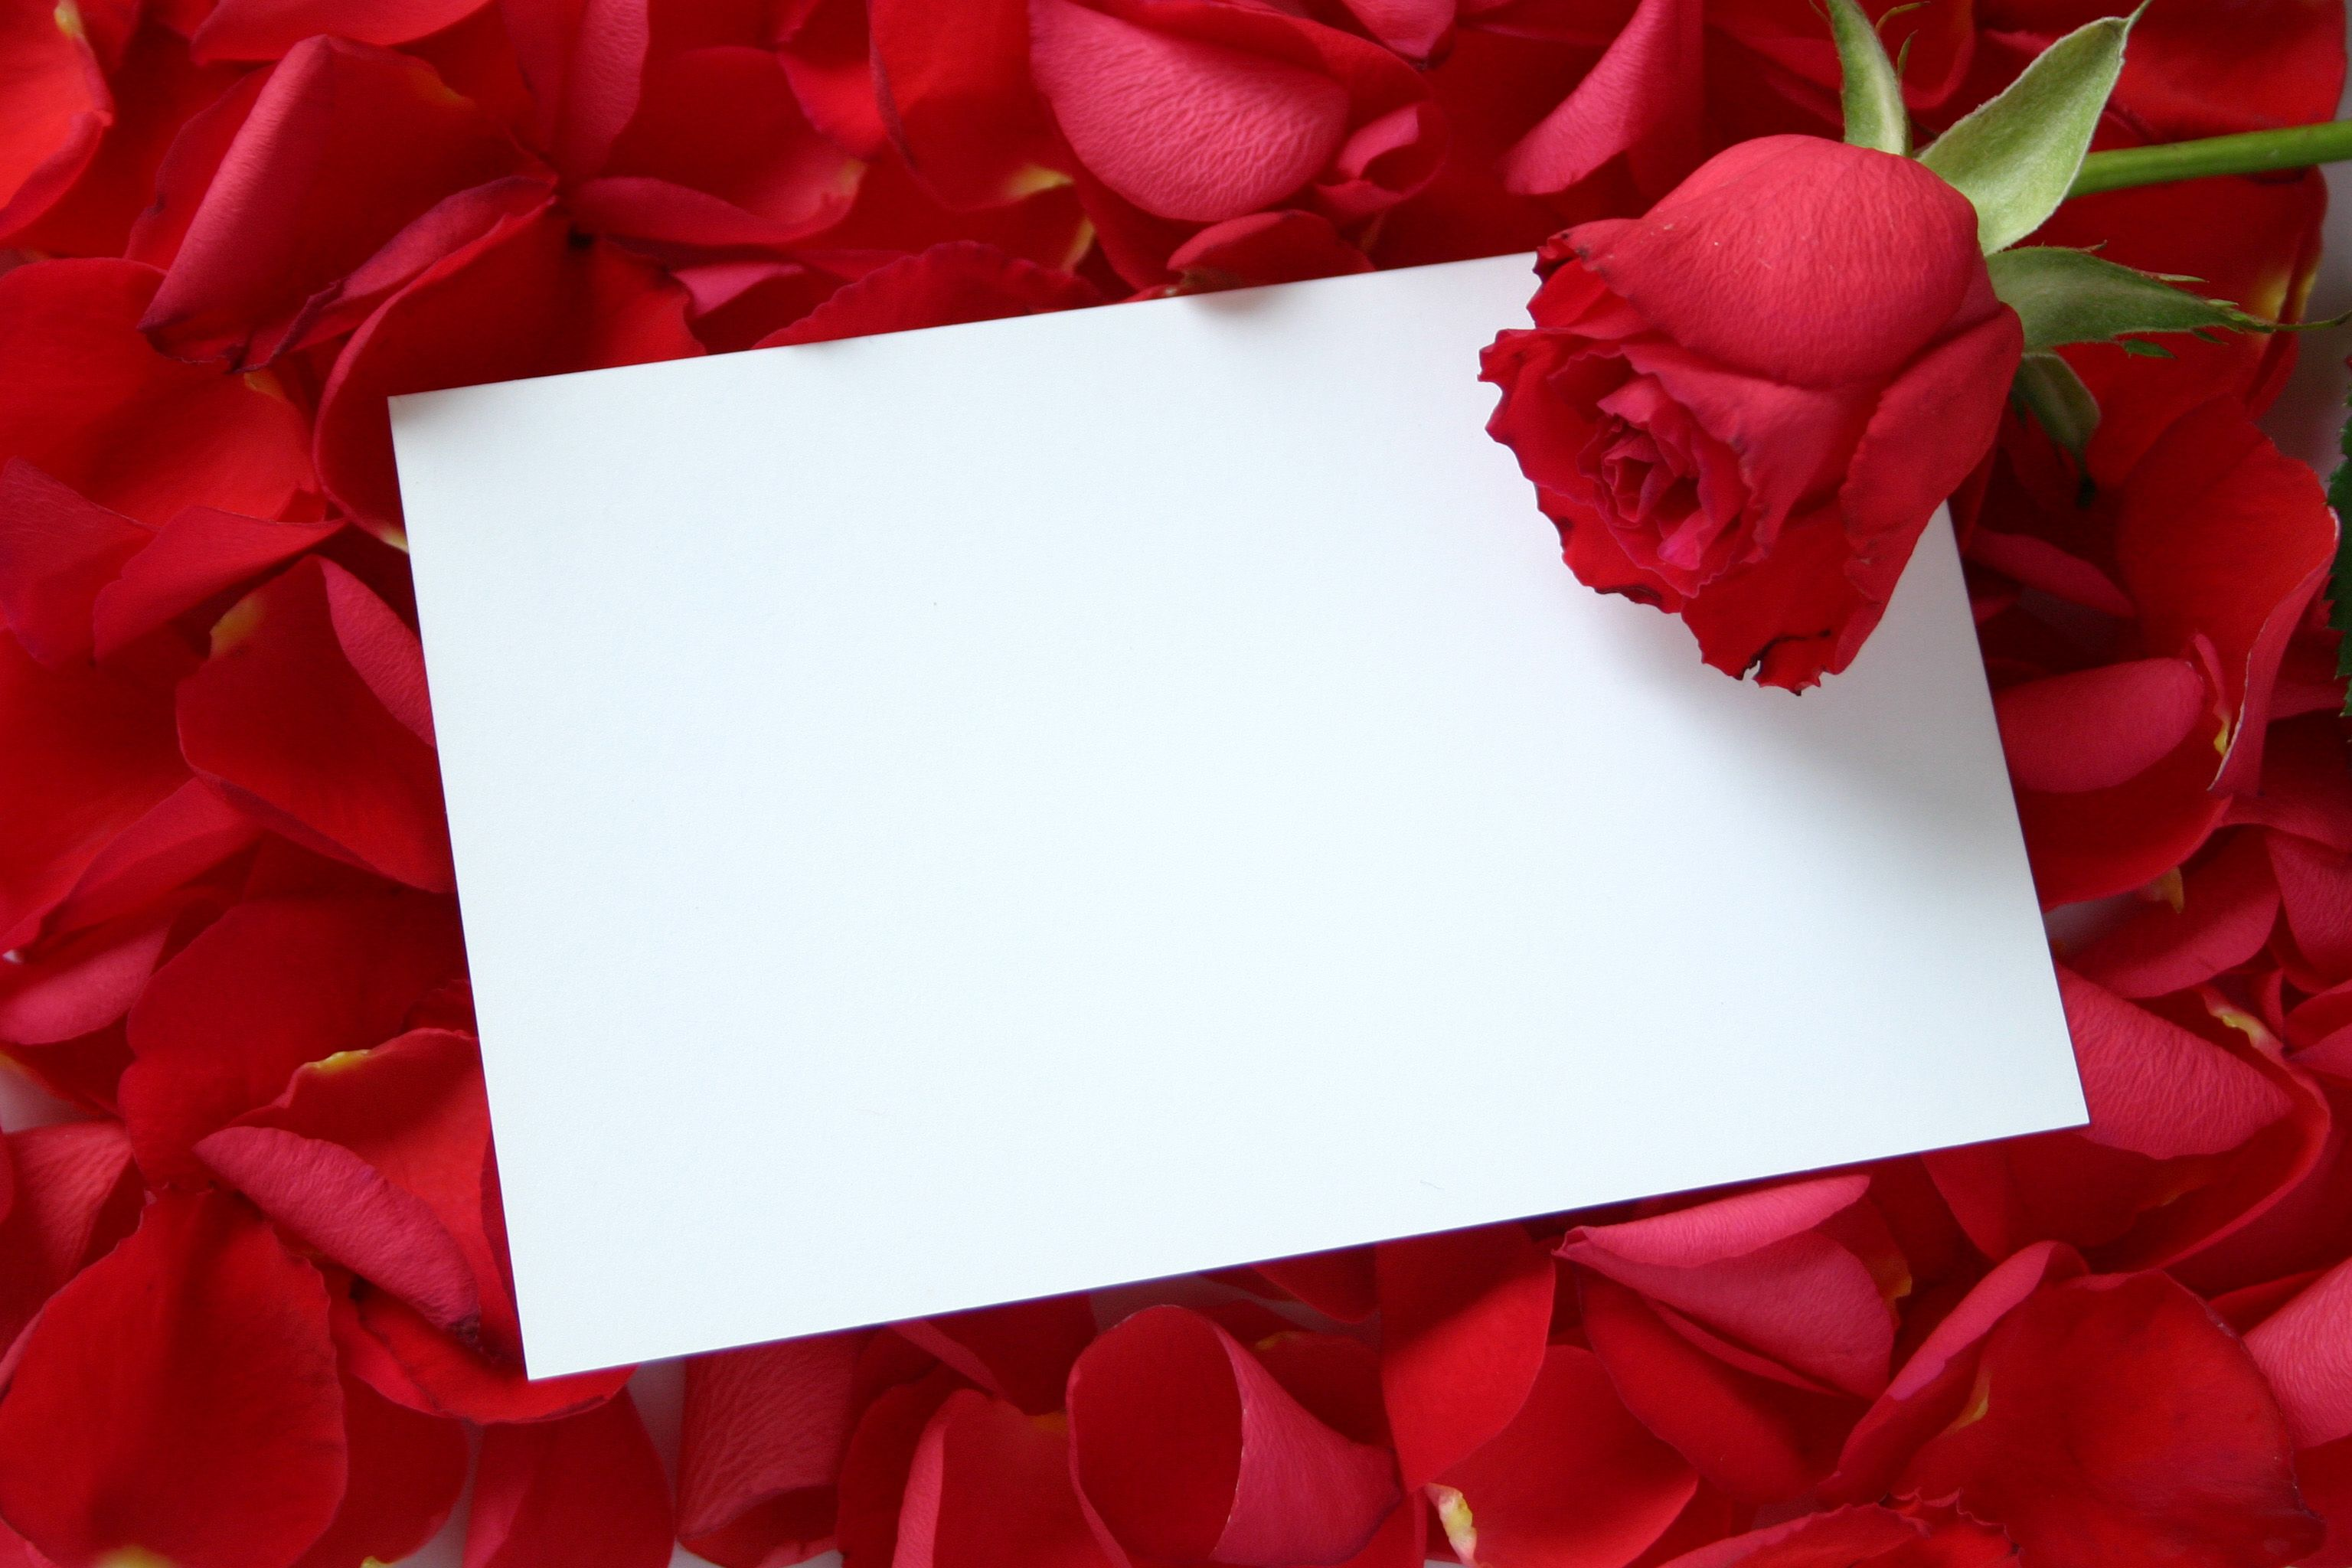 Fondos de flores para tarjetas de matrimonio - Imagui